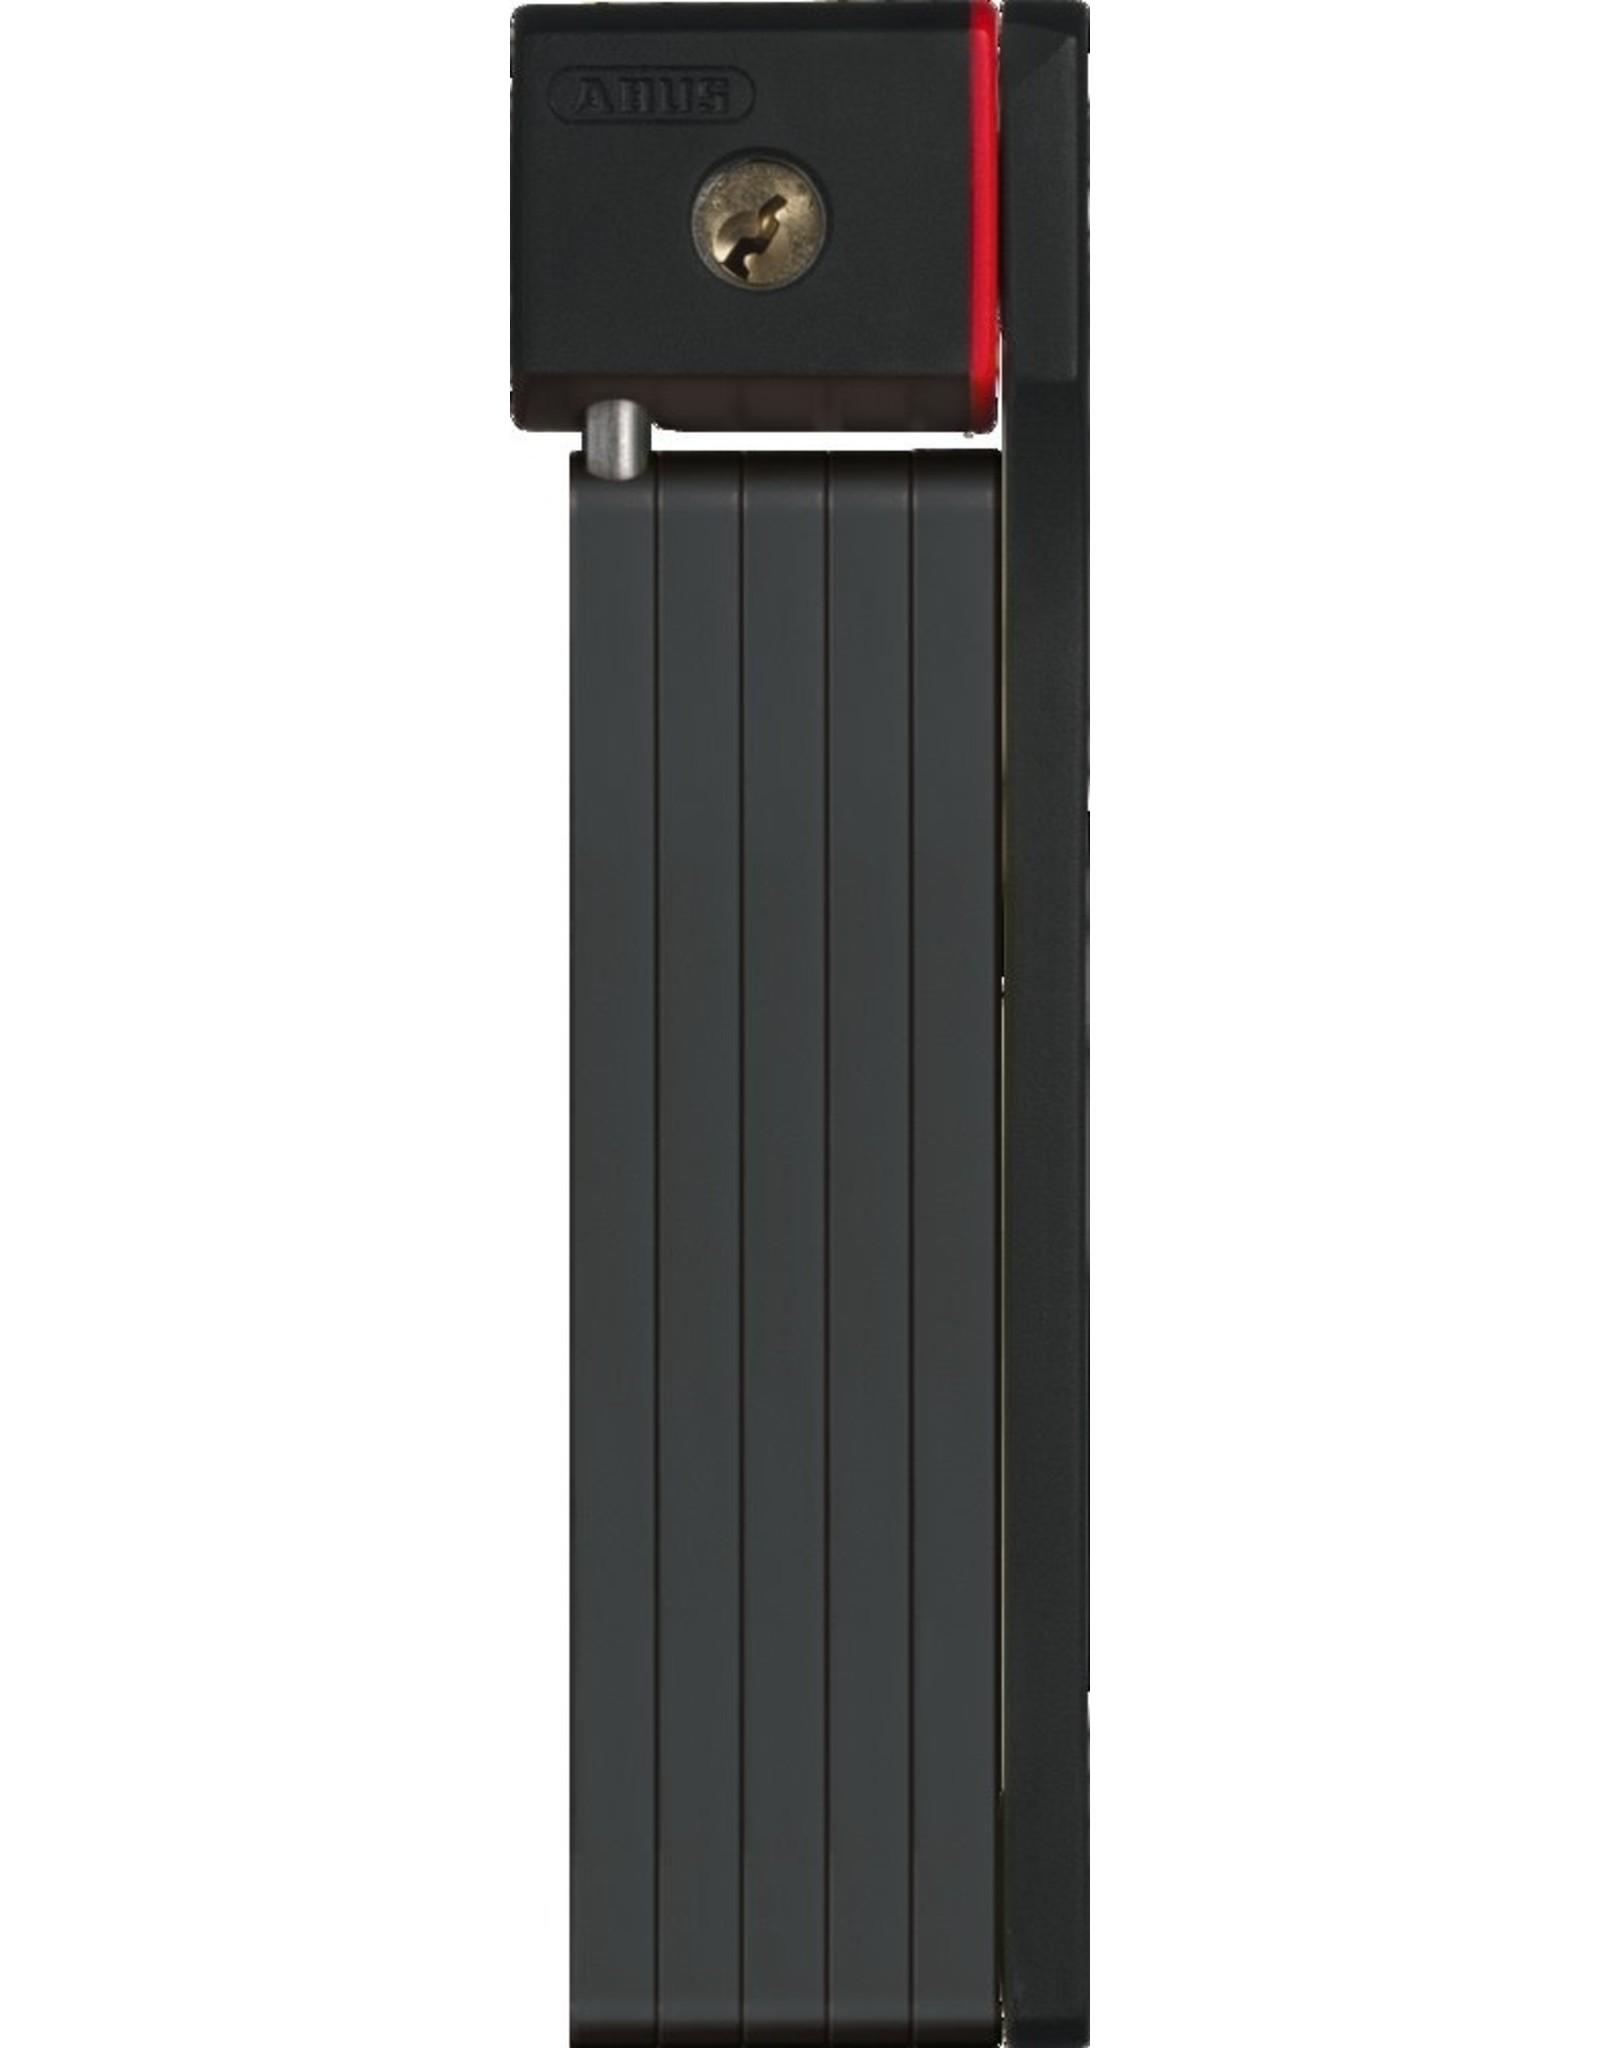 Abus ABUS Bordo uGrip 5700/80 black (5mm steel plates / 2.6' length)